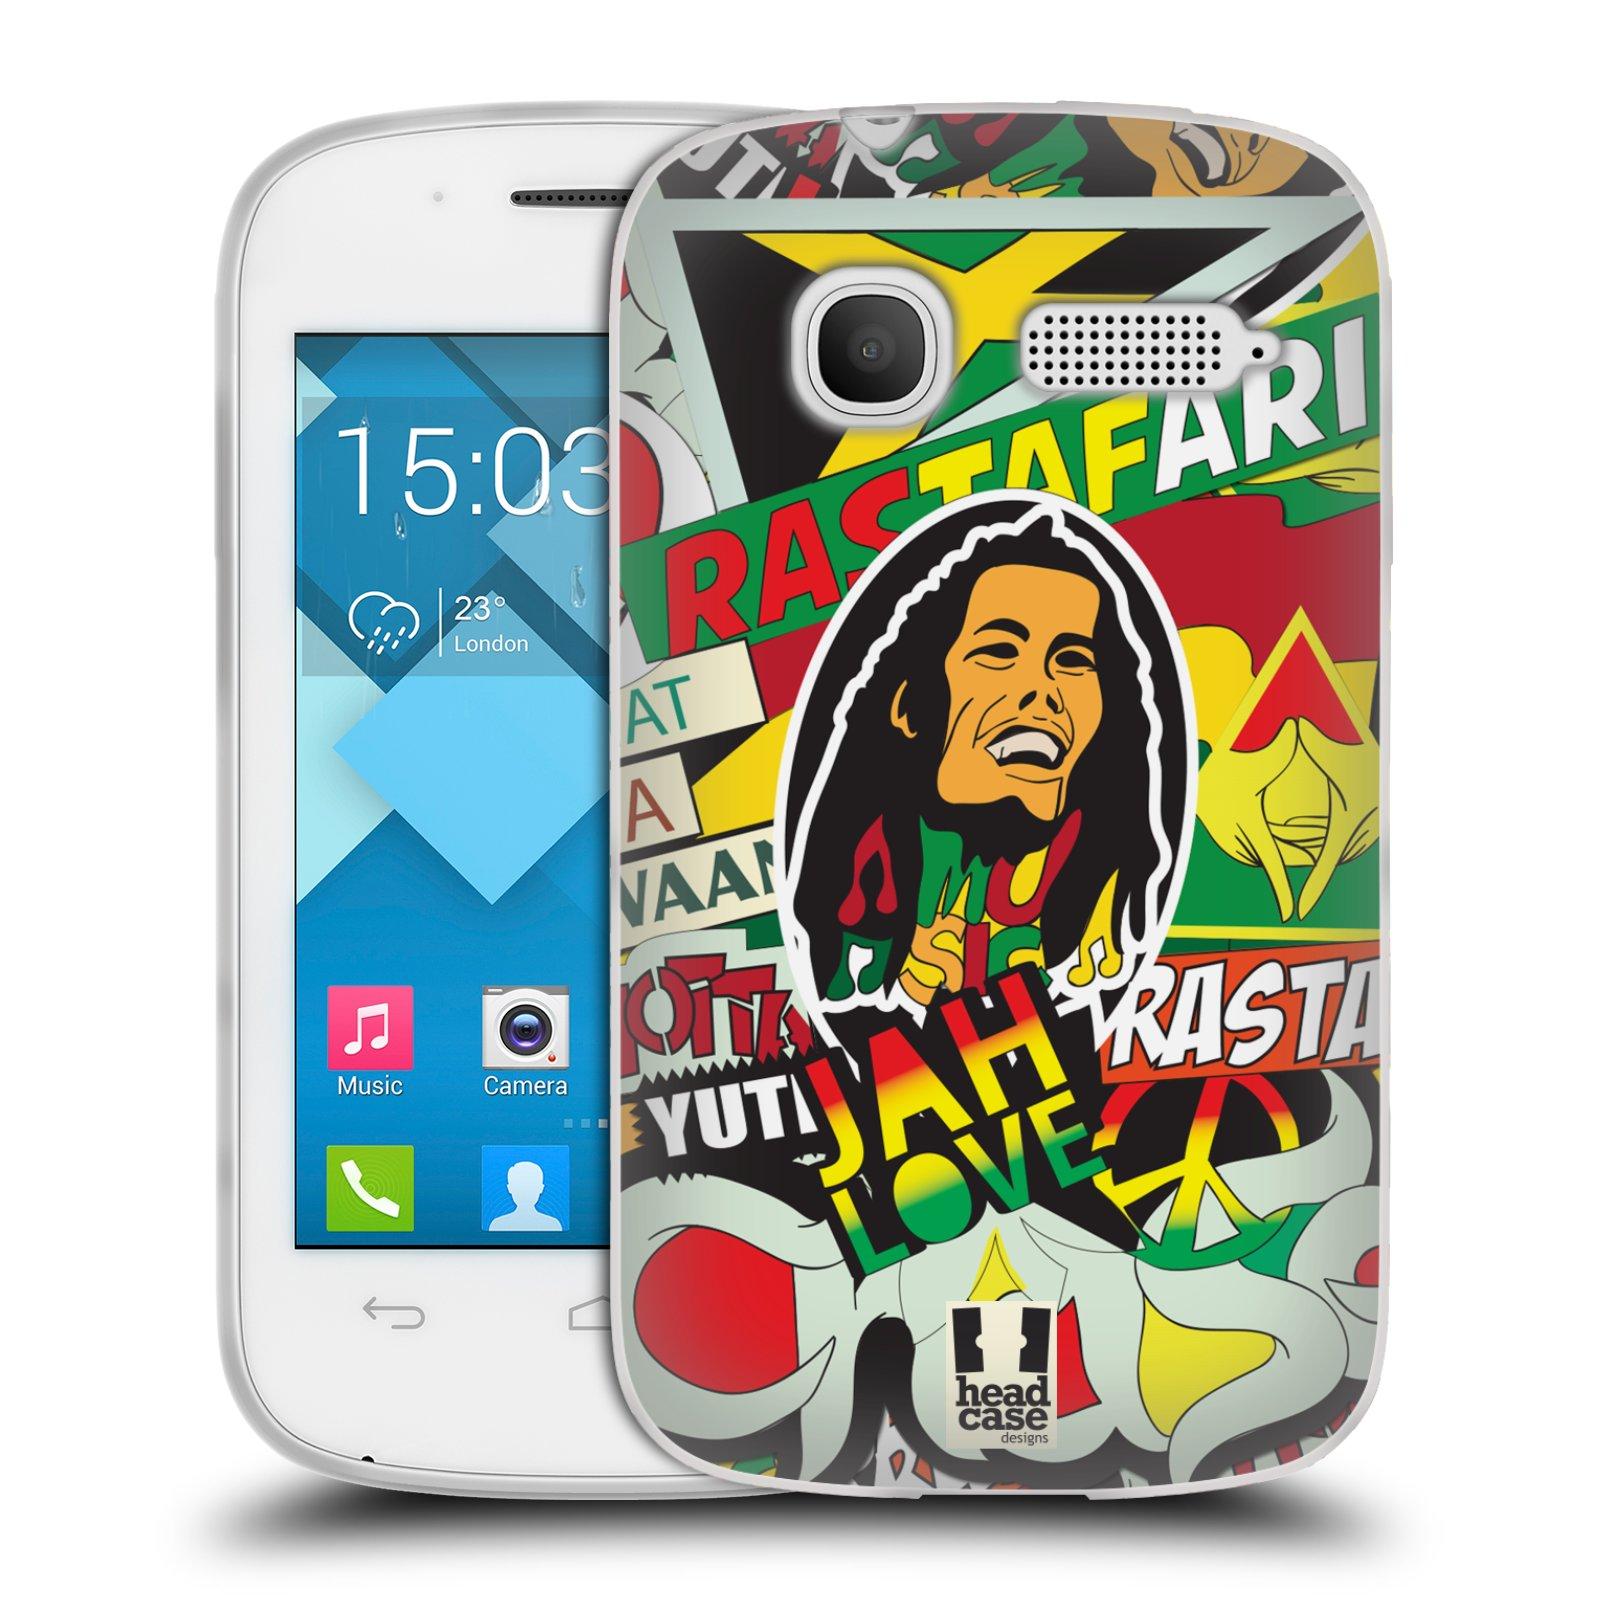 Silikonové pouzdro na mobil Alcatel One Touch Pop C1 HEAD CASE RASTA (Silikonový kryt či obal na mobilní telefon Alcatel OT-4015D POP C1)